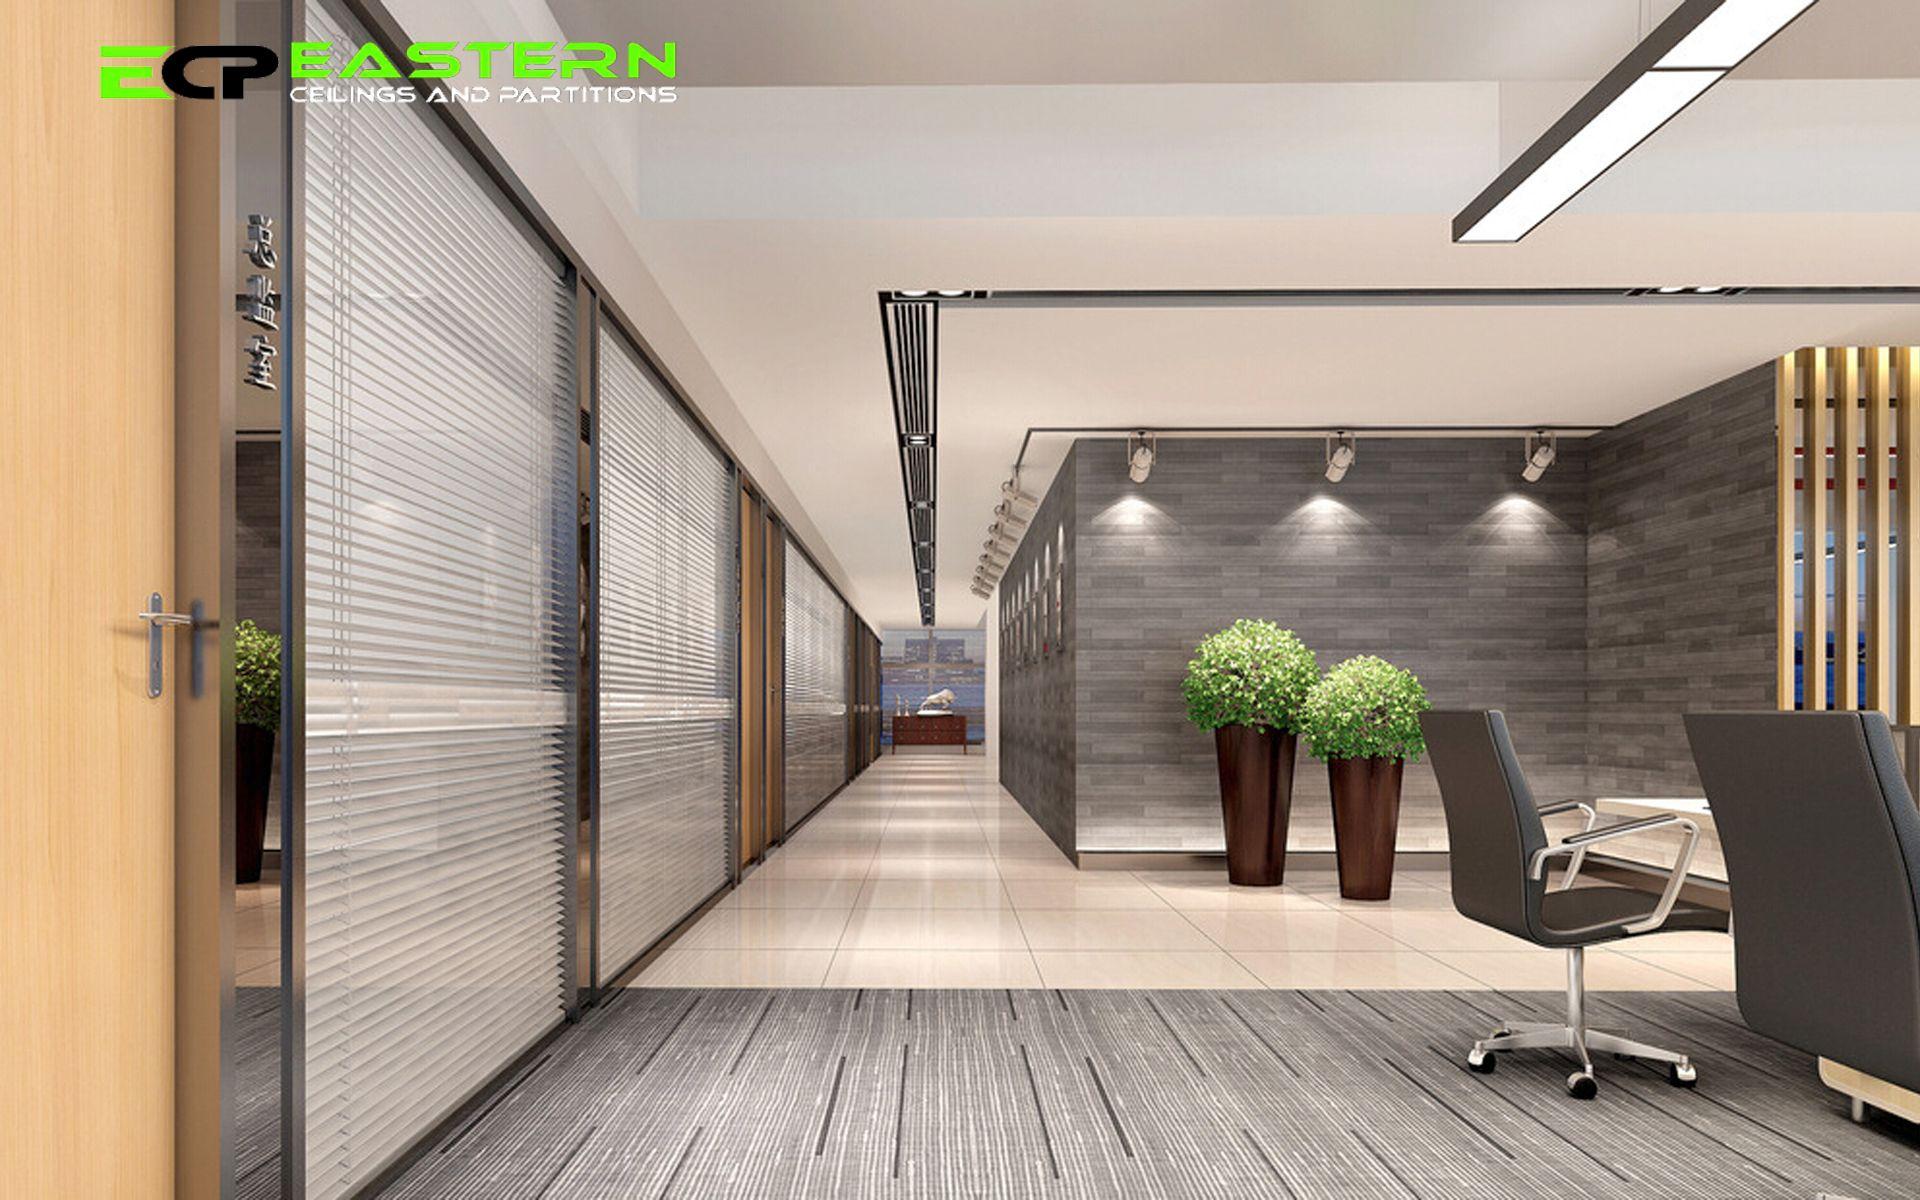 Corridor Design: Interior Design Corridor Of Open Office. #interiordesign